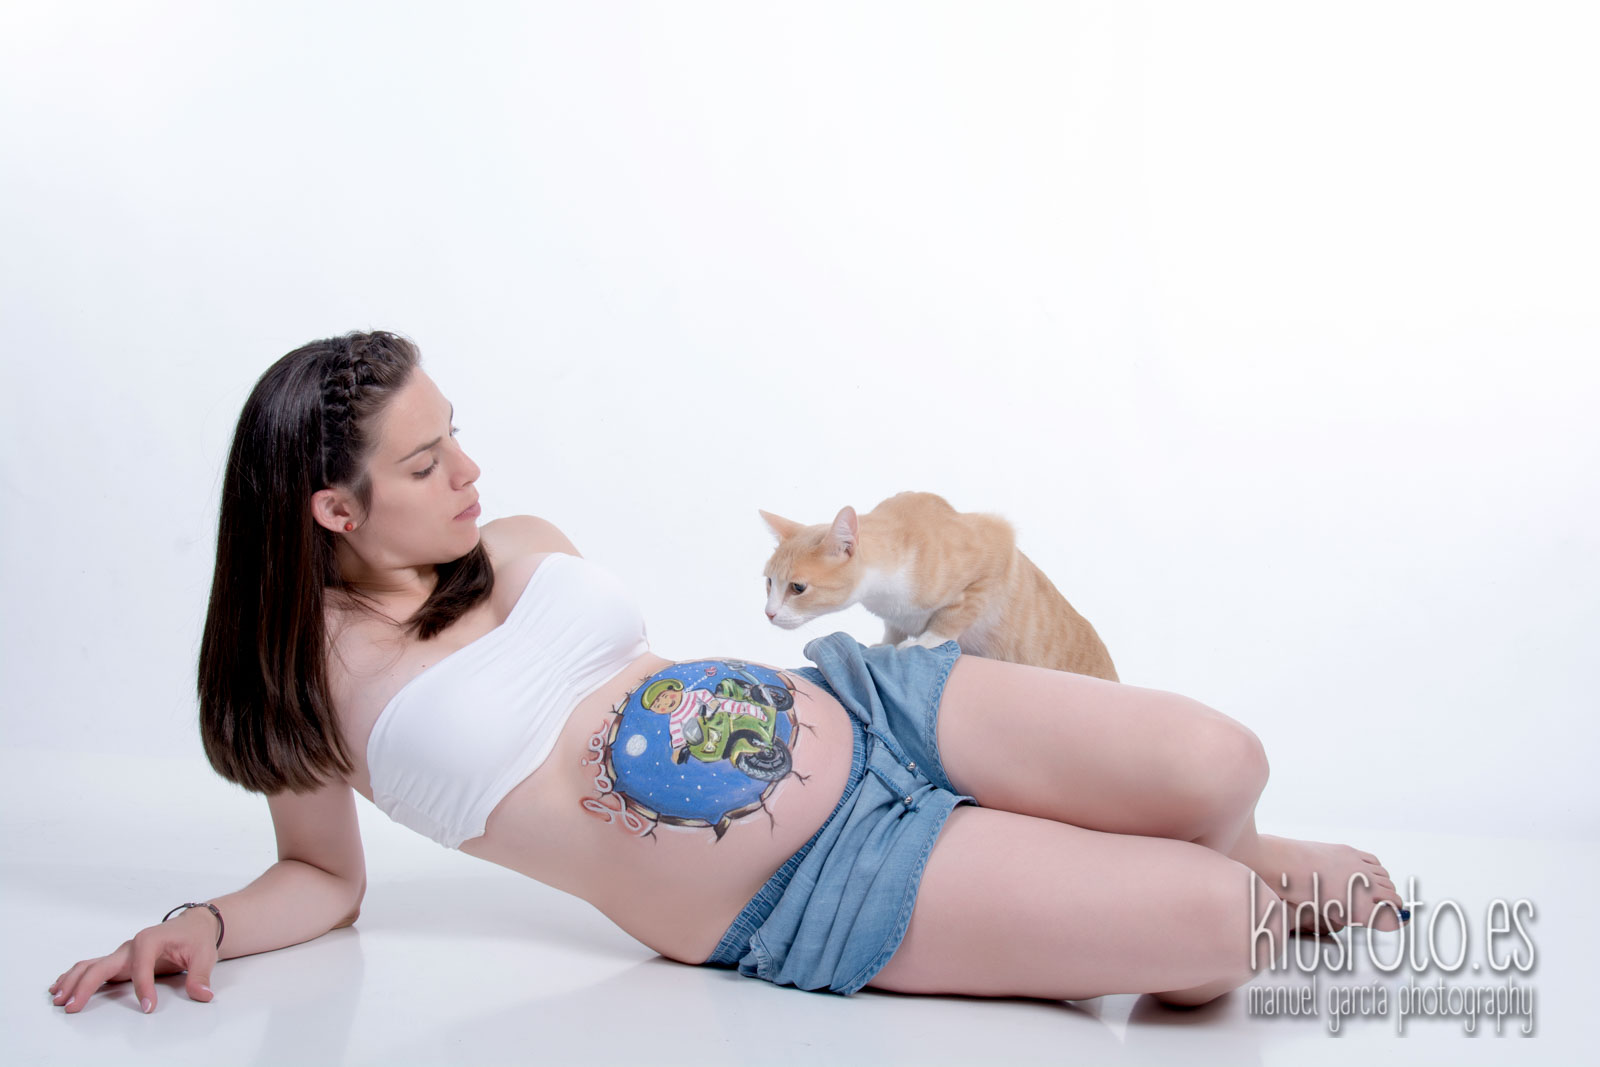 kidsfoto.es Sesión fotografía premamá+ belly painting con mascota en Zaragoza sesión de estudio premamá mascotas en zaragoza mama fotografía familiar fotografía bebé felicidad familia estudio bodypaint bebé amigo de los animales